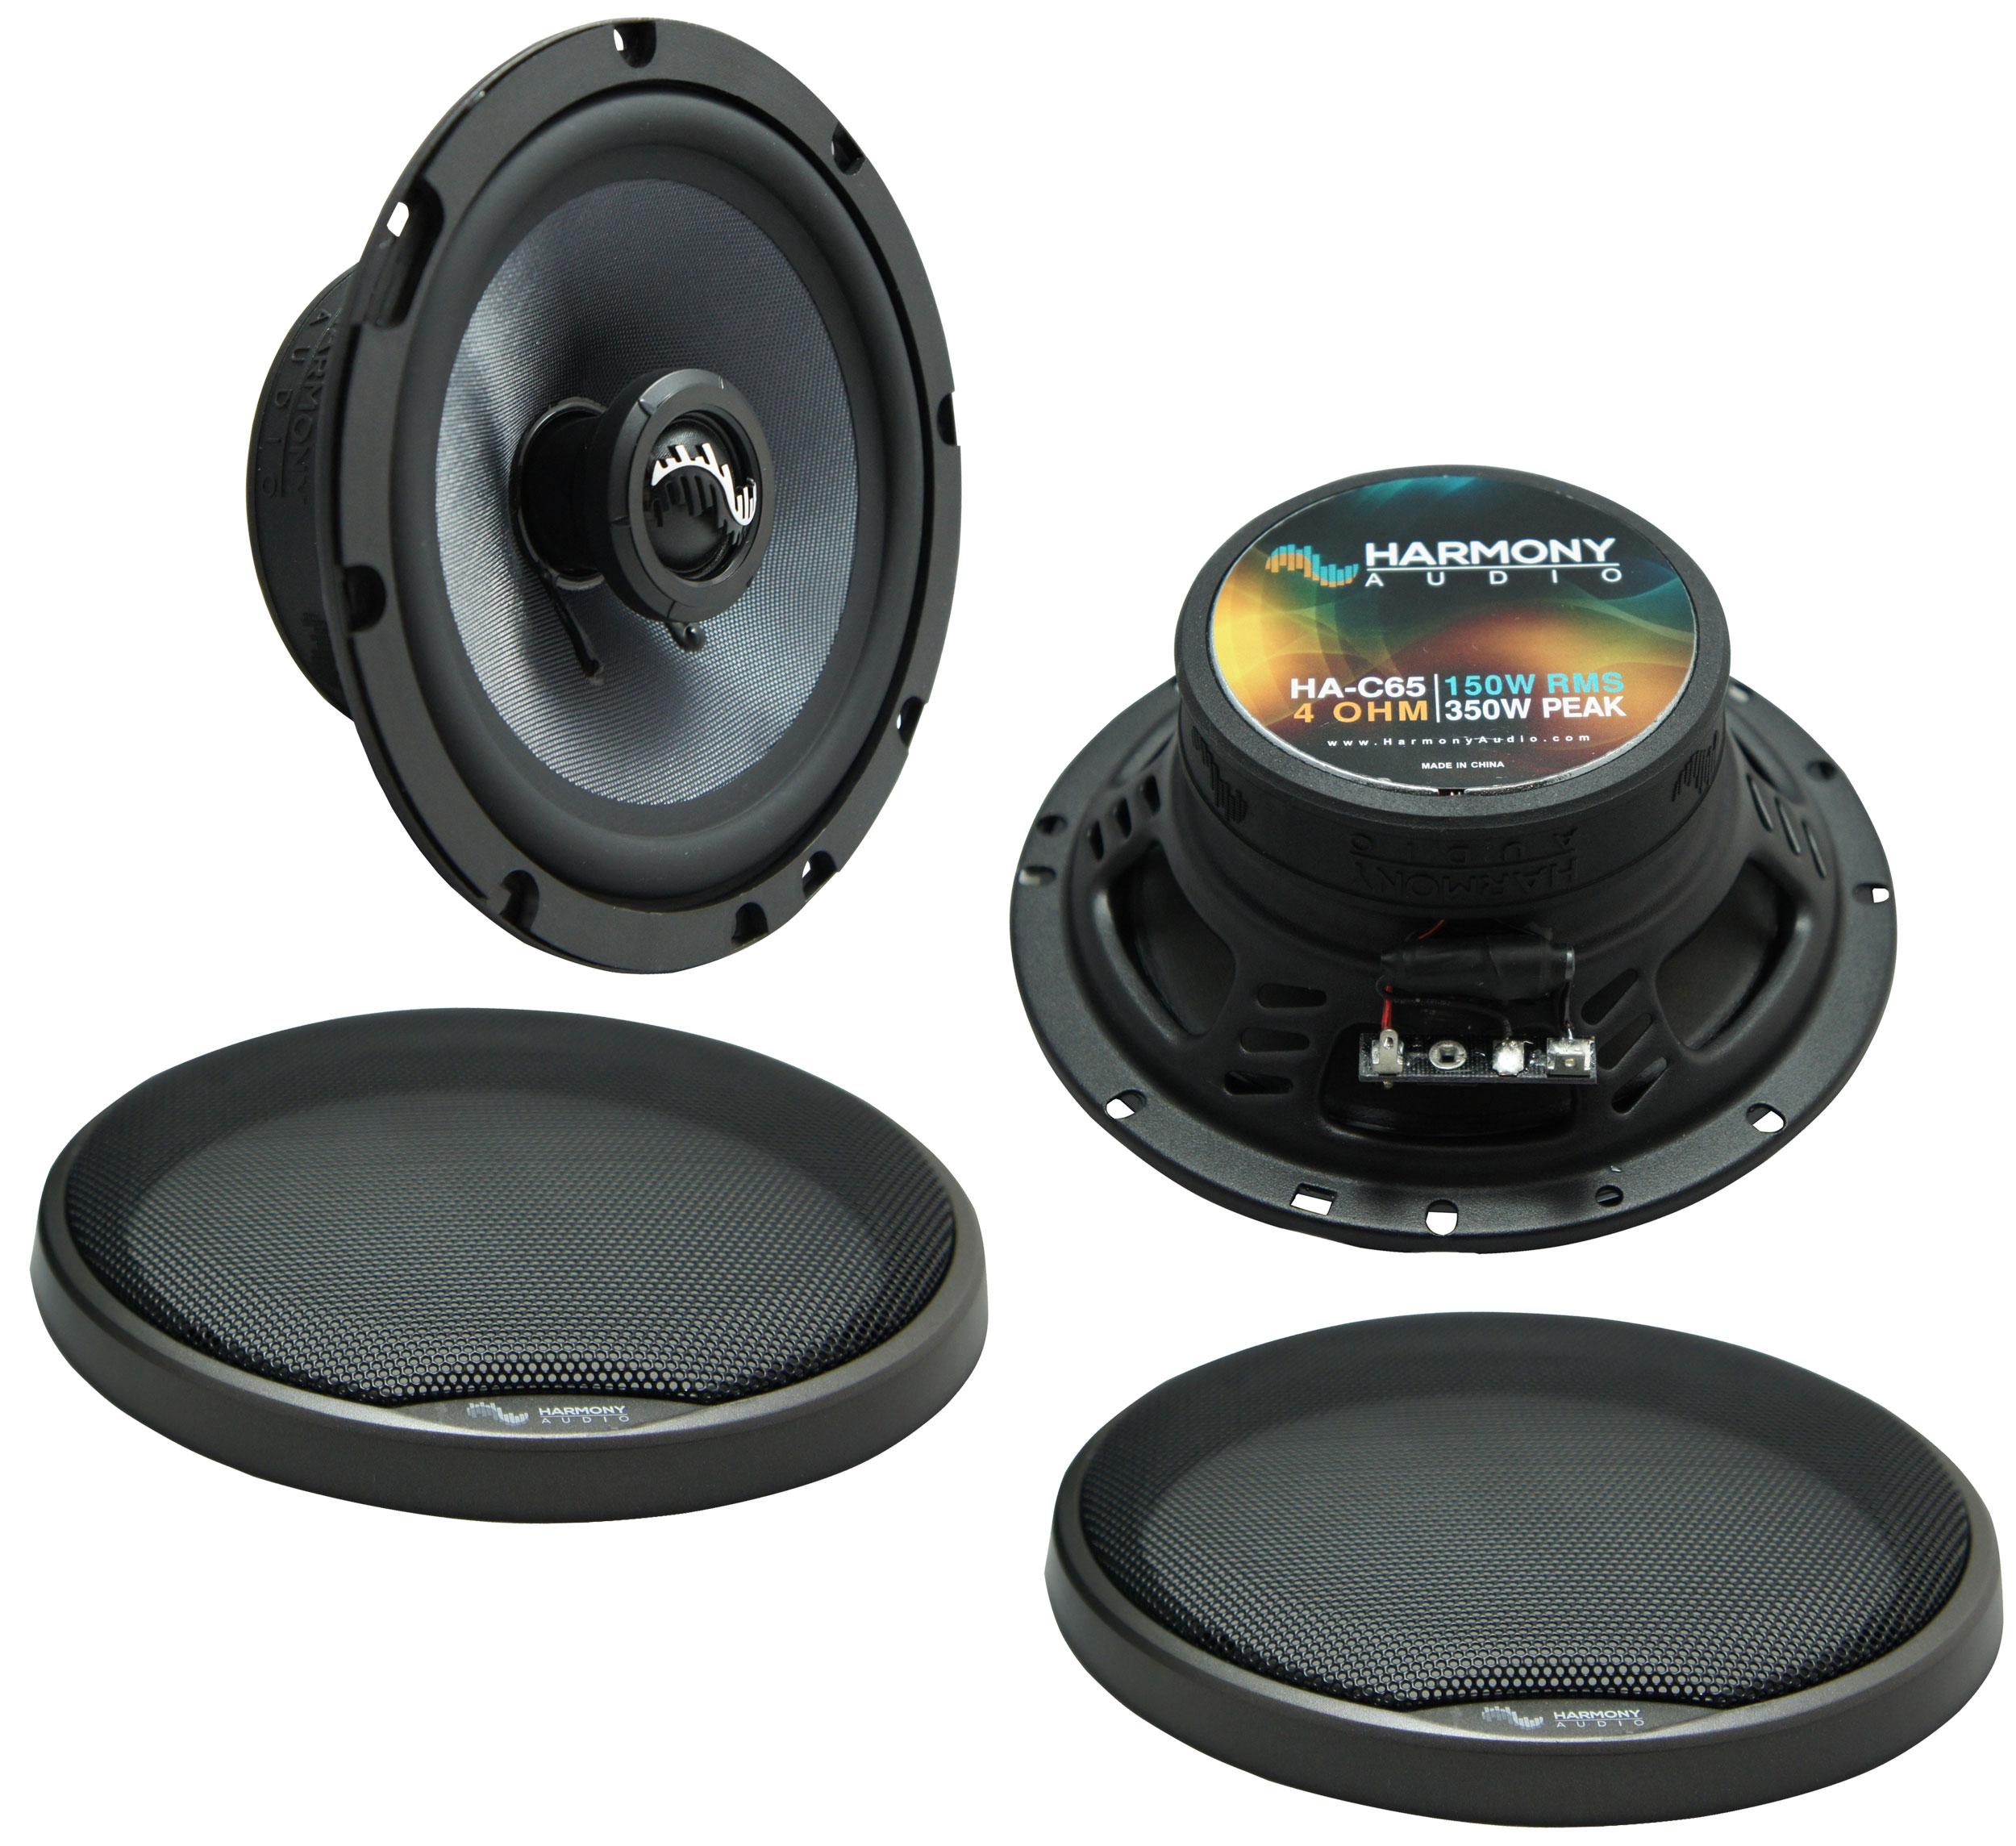 Fits Chrysler 300 2008-2010 Front Door Replacement Harmony HA-C65 Premium Speakers New